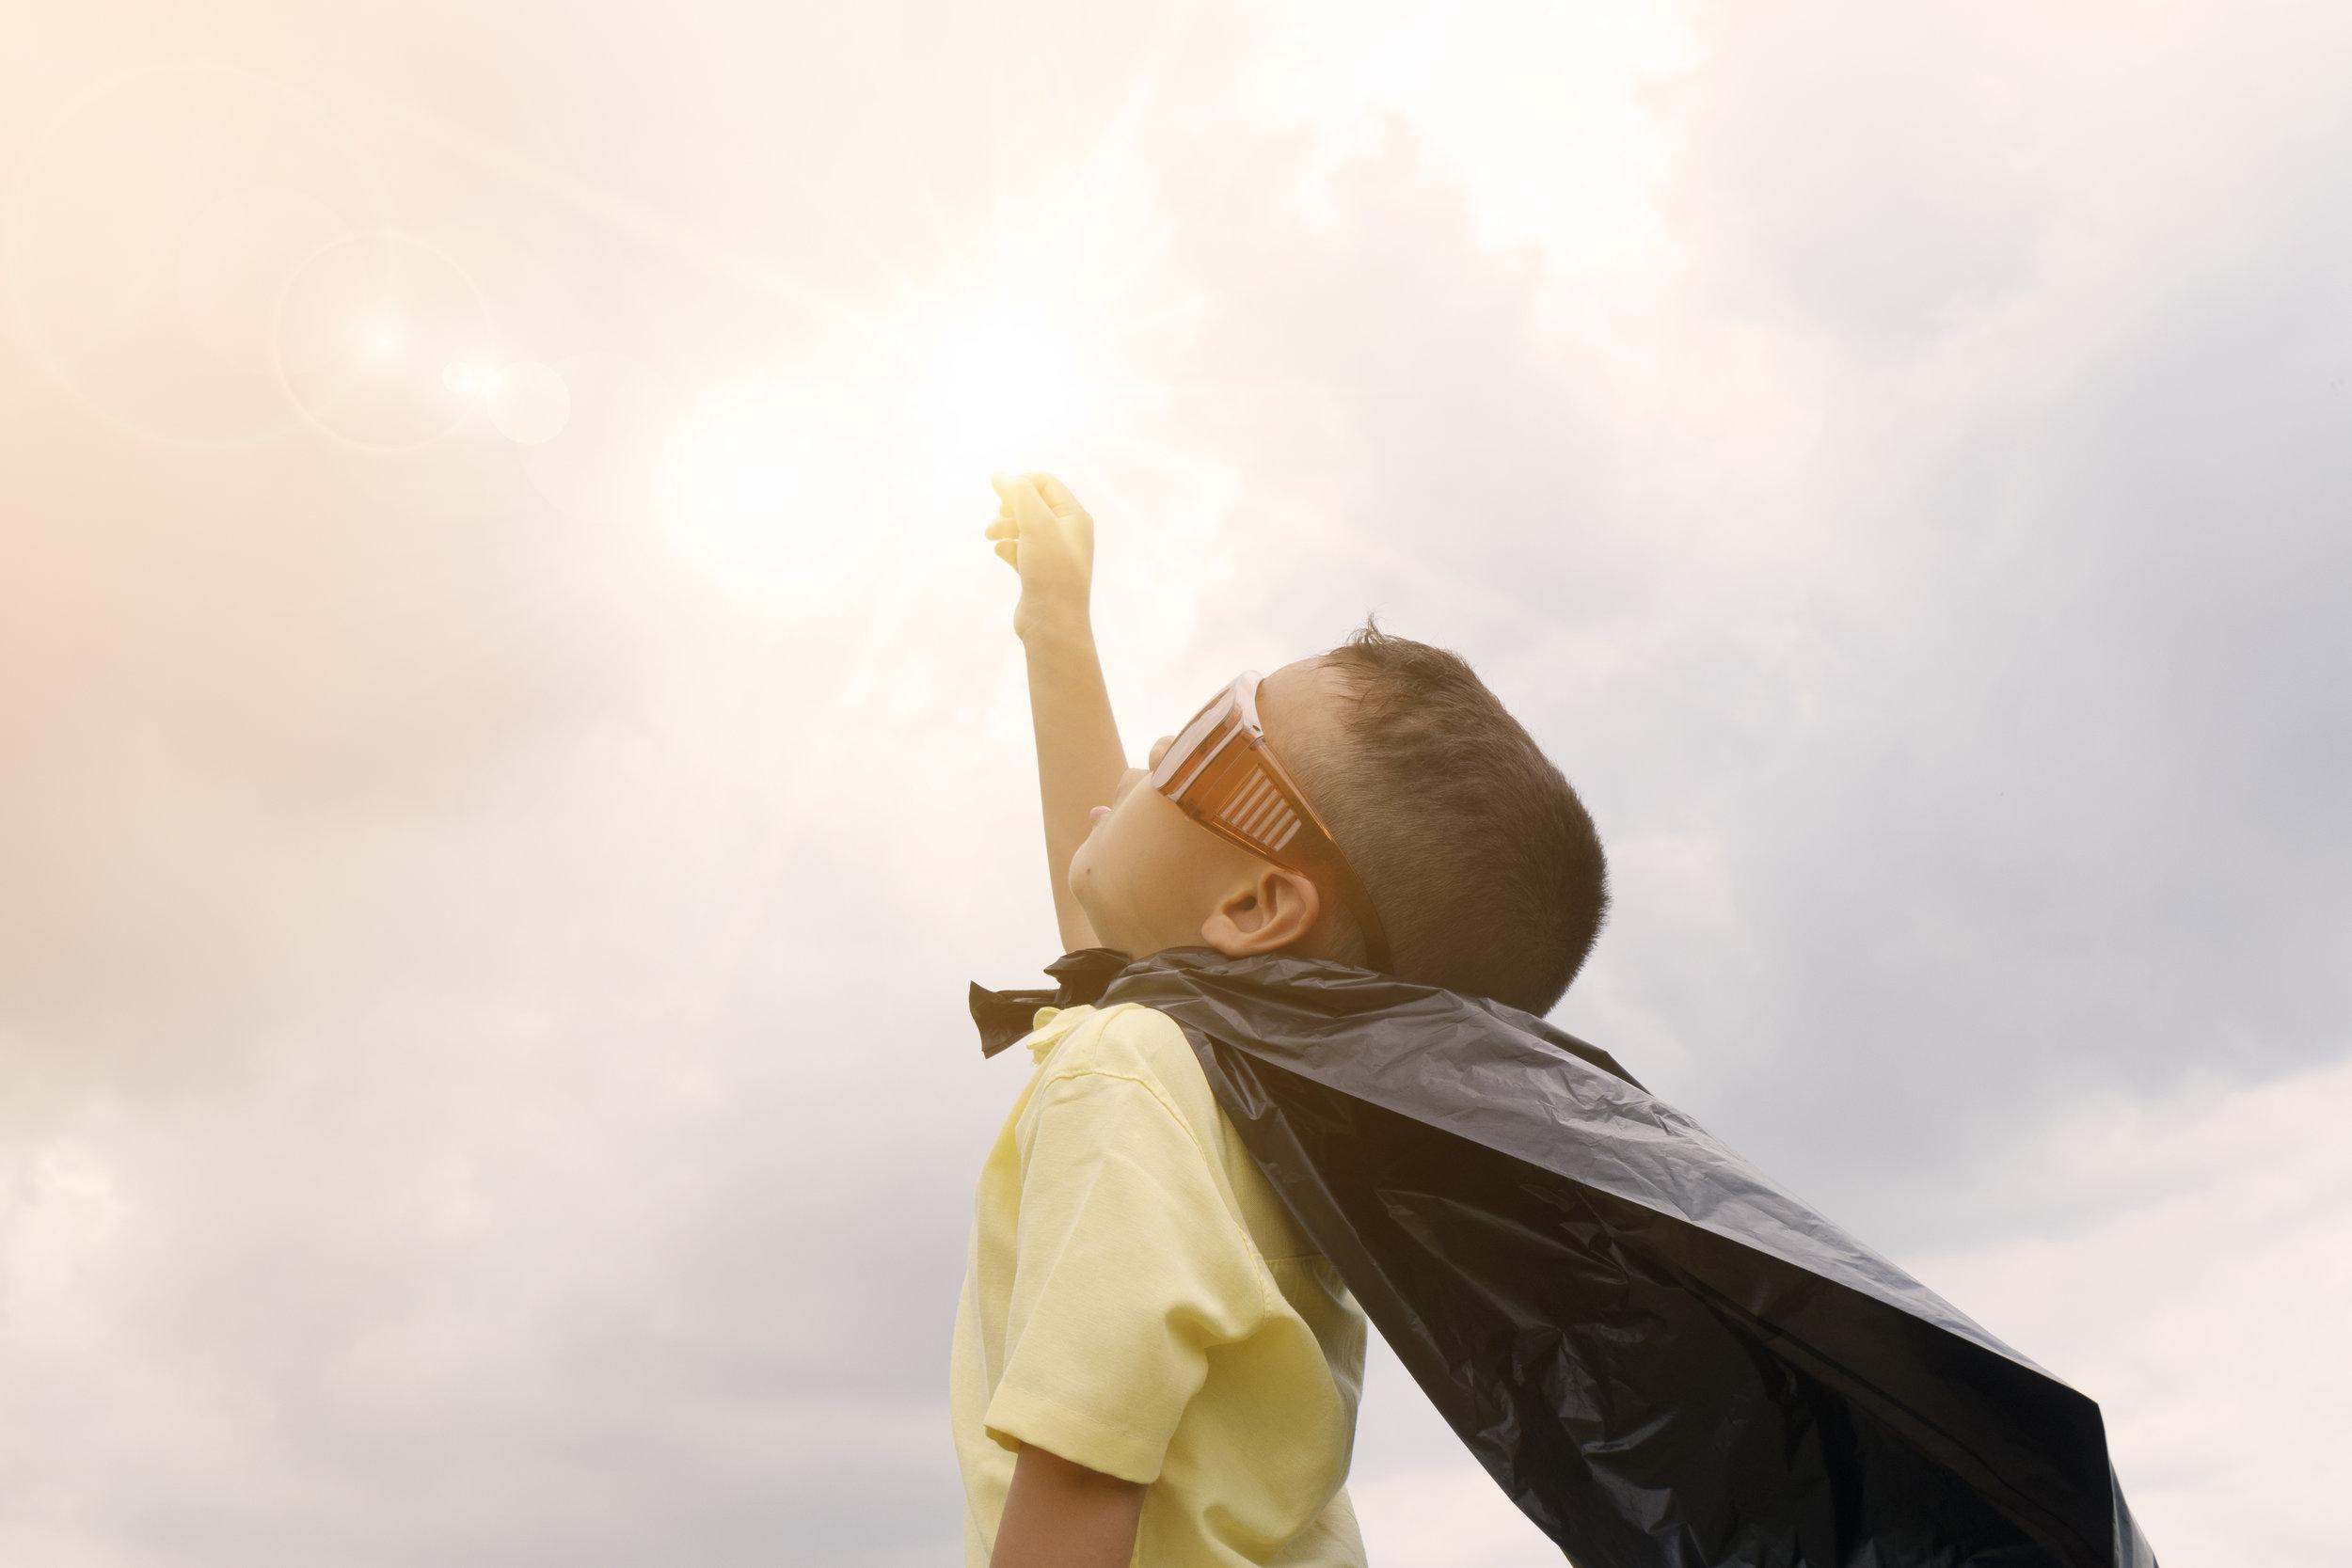 superhero kid pexels.jpeg